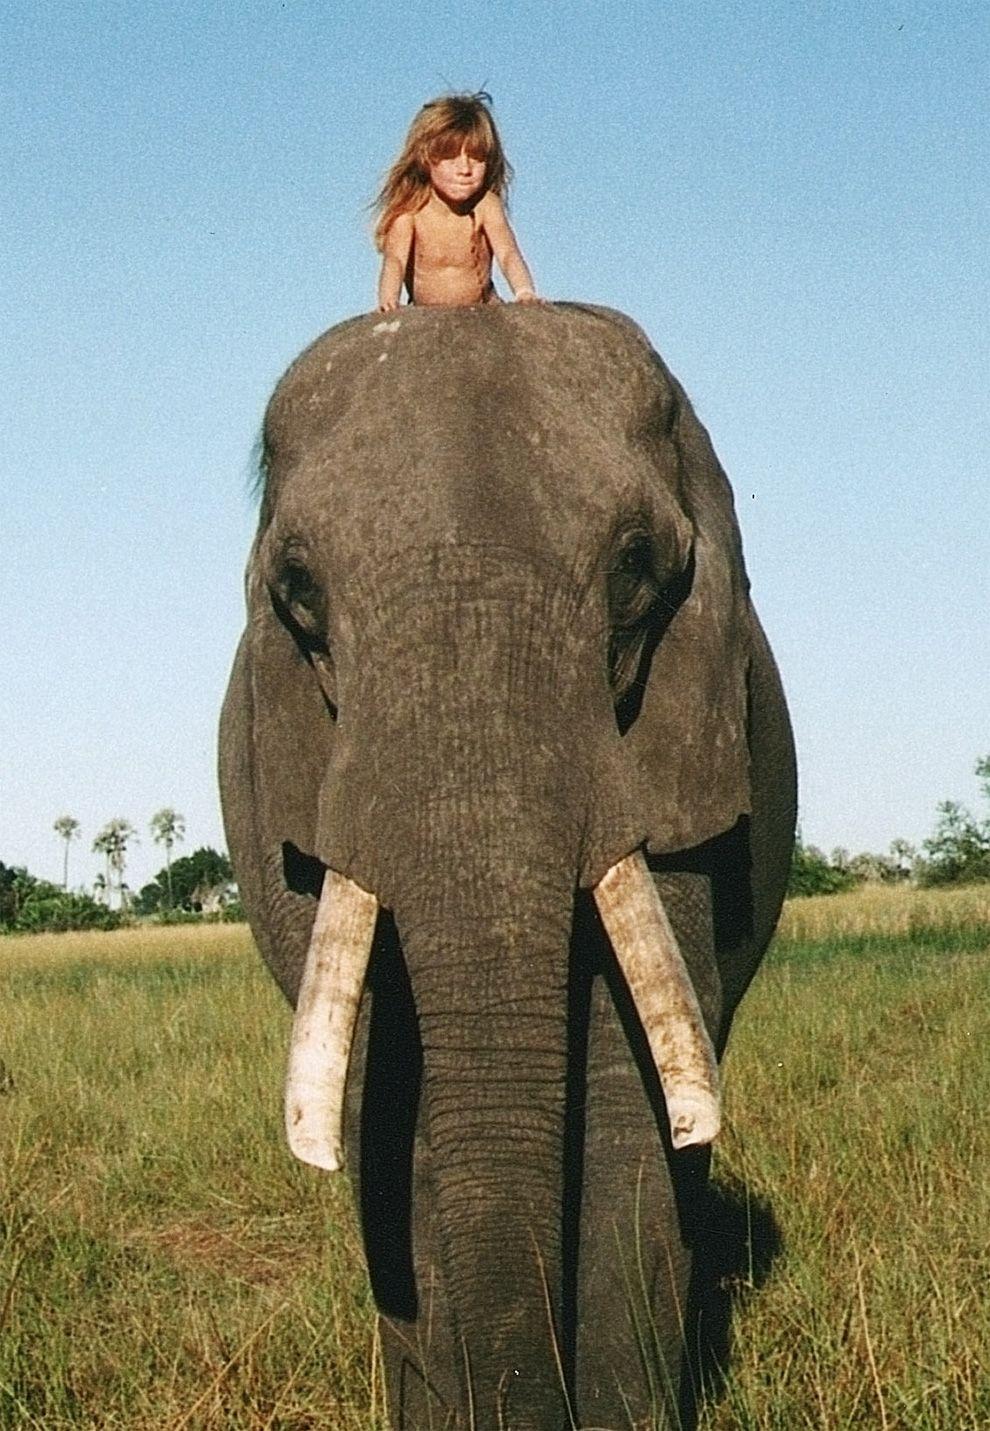 Úžasné fotky dievčaťa, ktoré prvých 10 rokov života strávilo v africkom buši – Doba Magazín